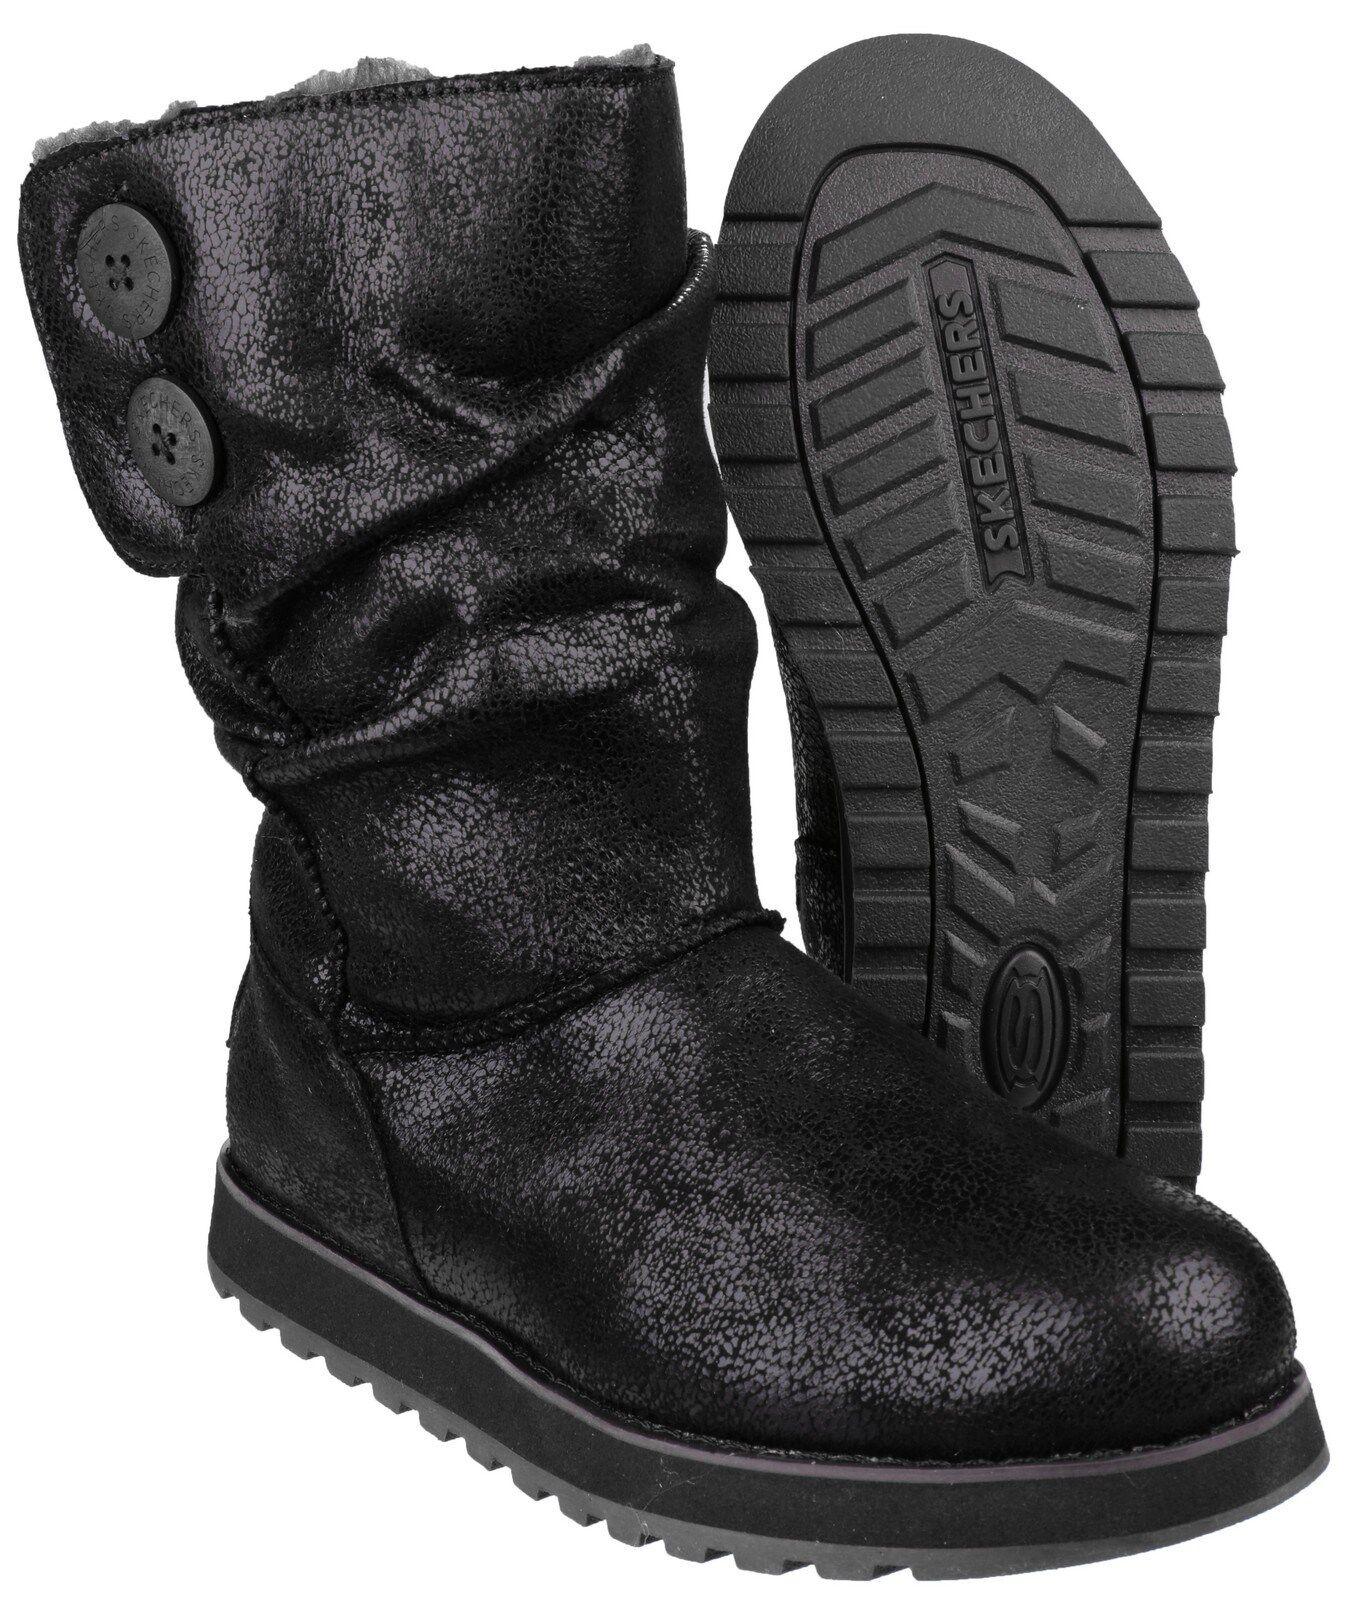 Skechers Keepsakes Esque Damen wadenlang Memory Foam Foam Foam Stiefel Schuhe uk3-8 a46e5a